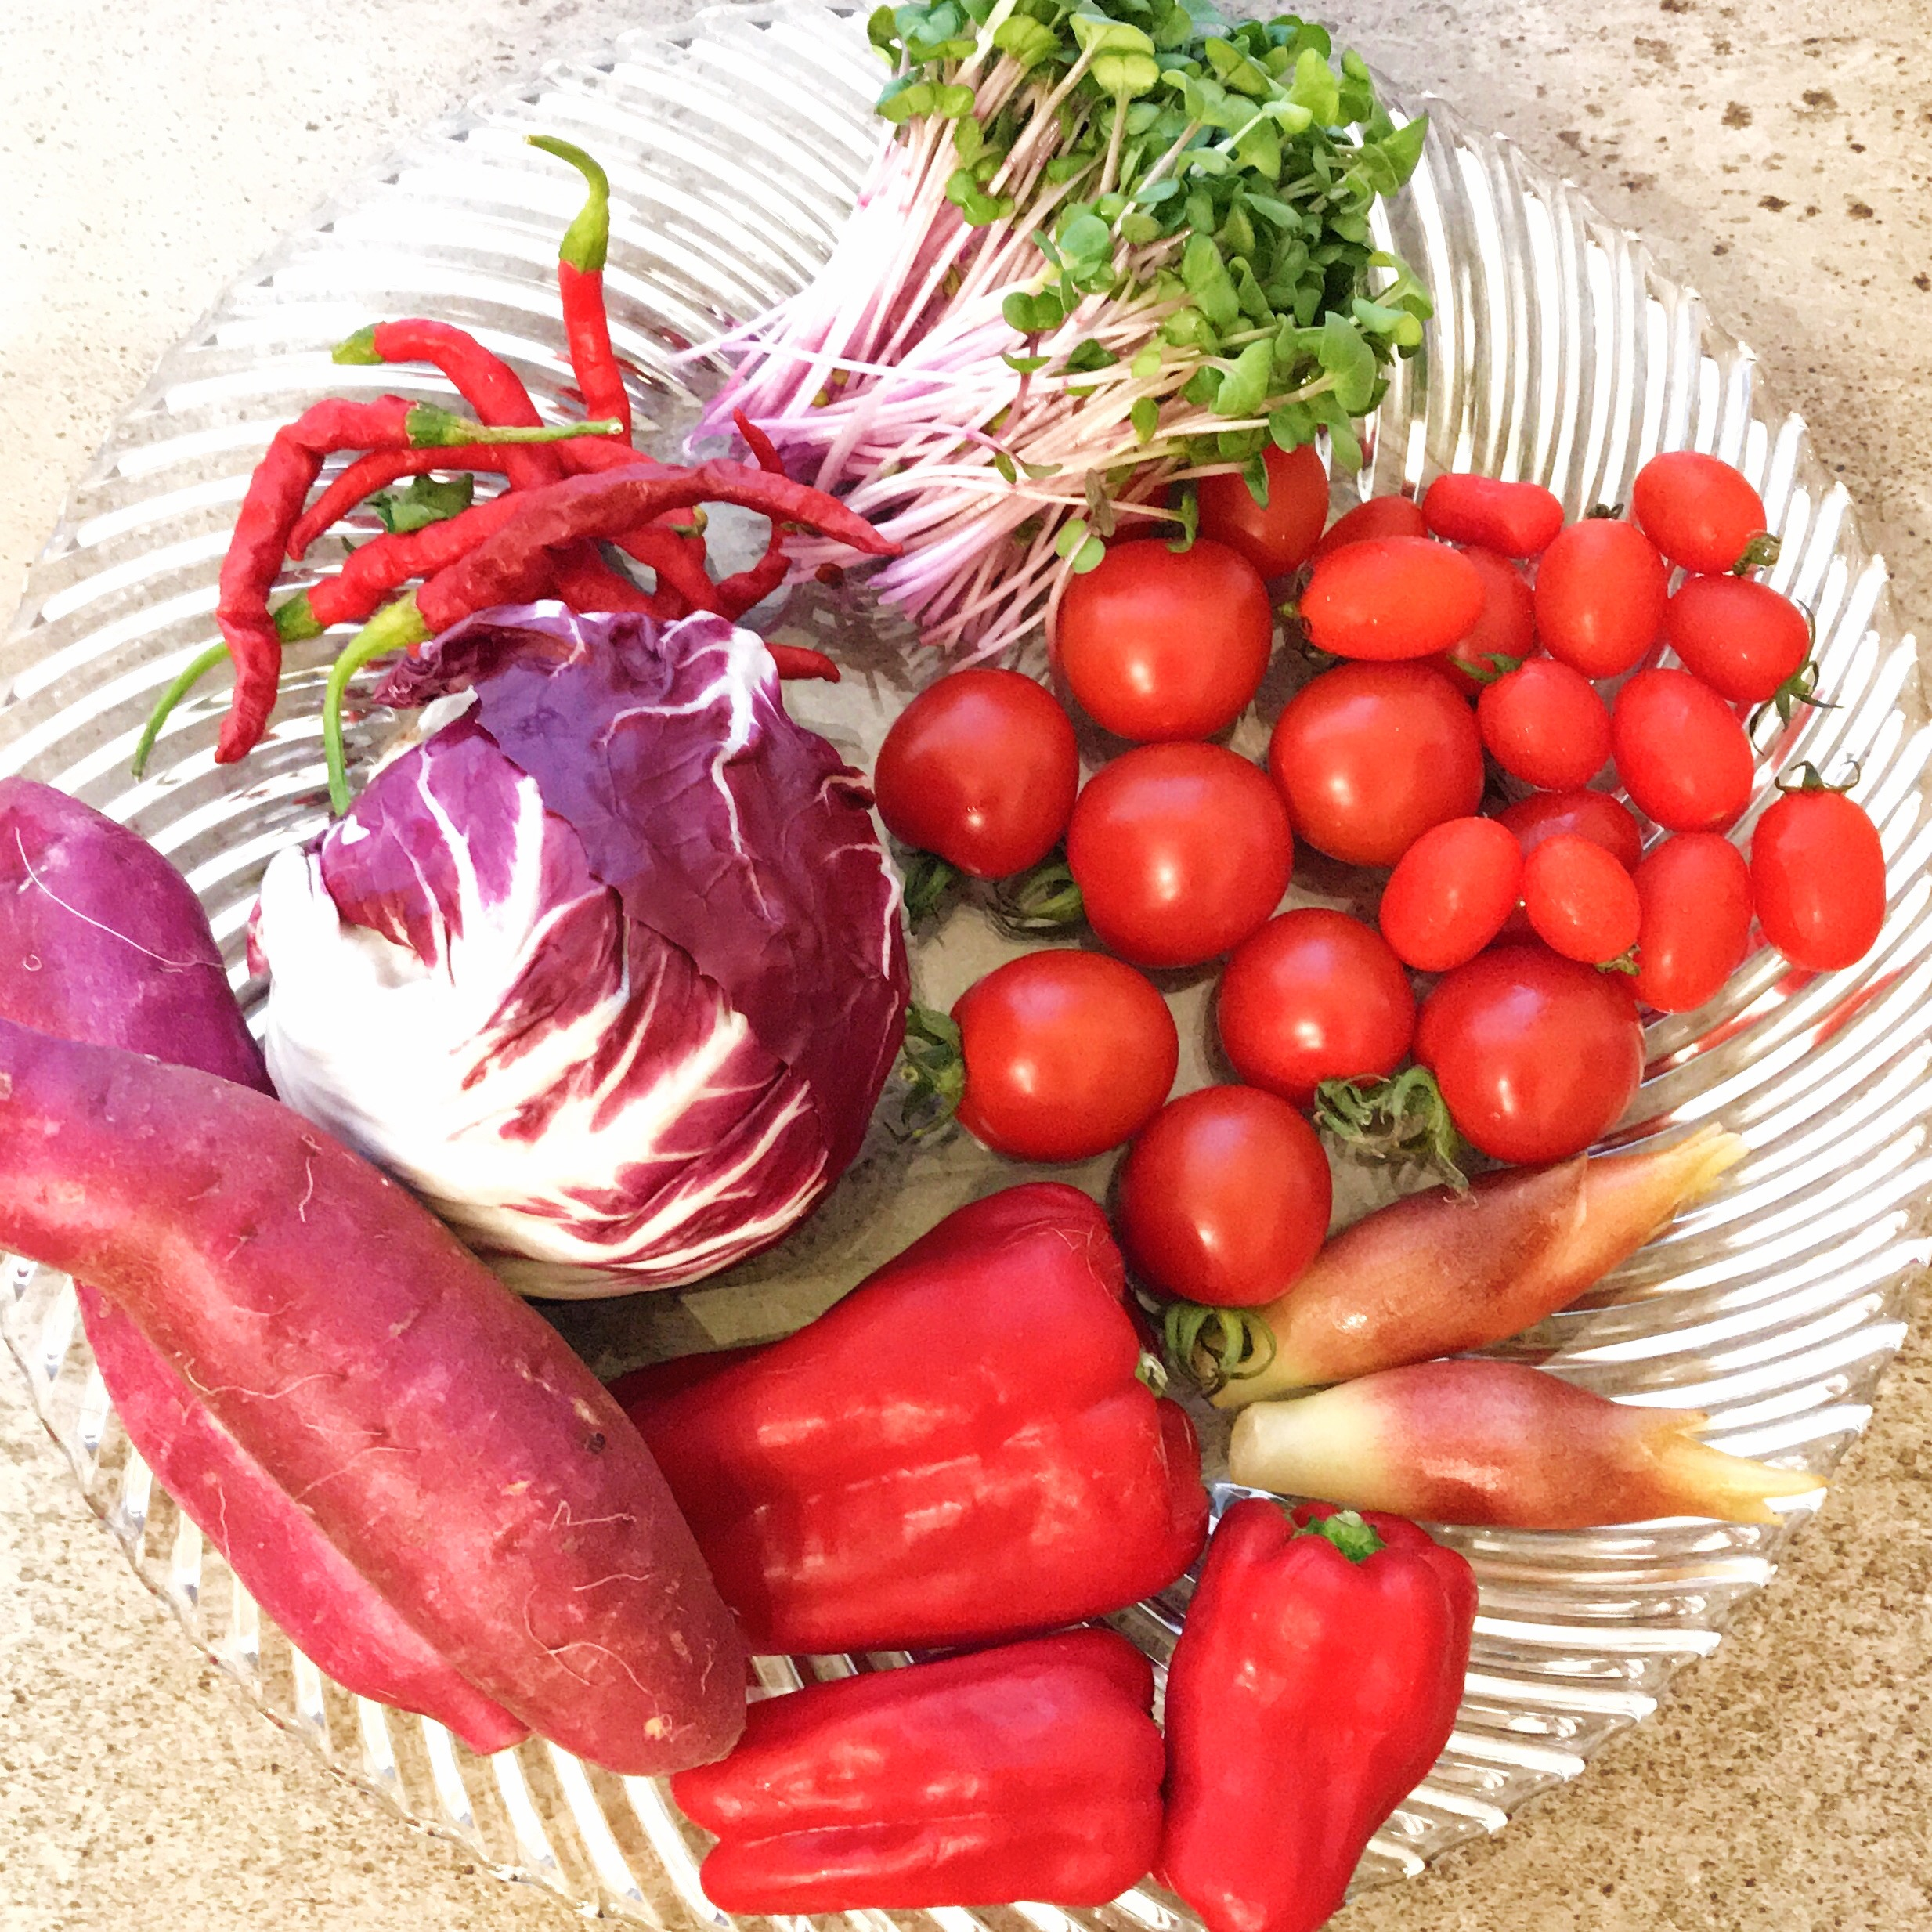 赤いホームパーティー!野菜の色素を使って料理しよう